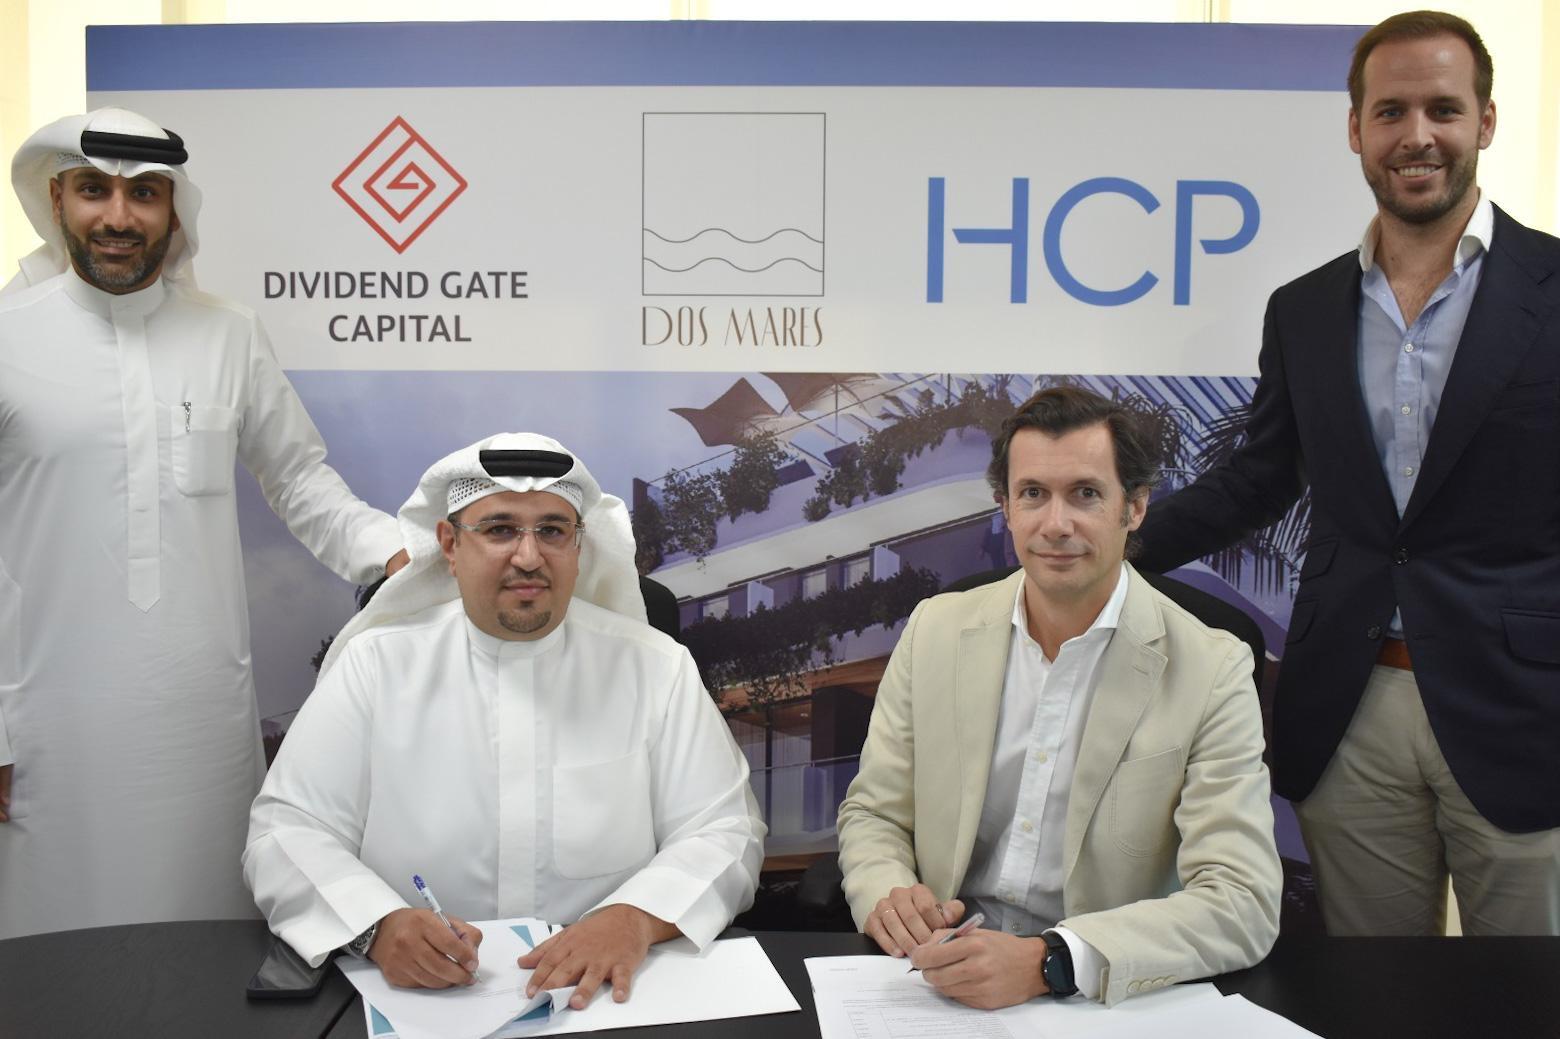 ديفيدند جيت كابيتال تعقد شراكة استراتيجية مع HCP